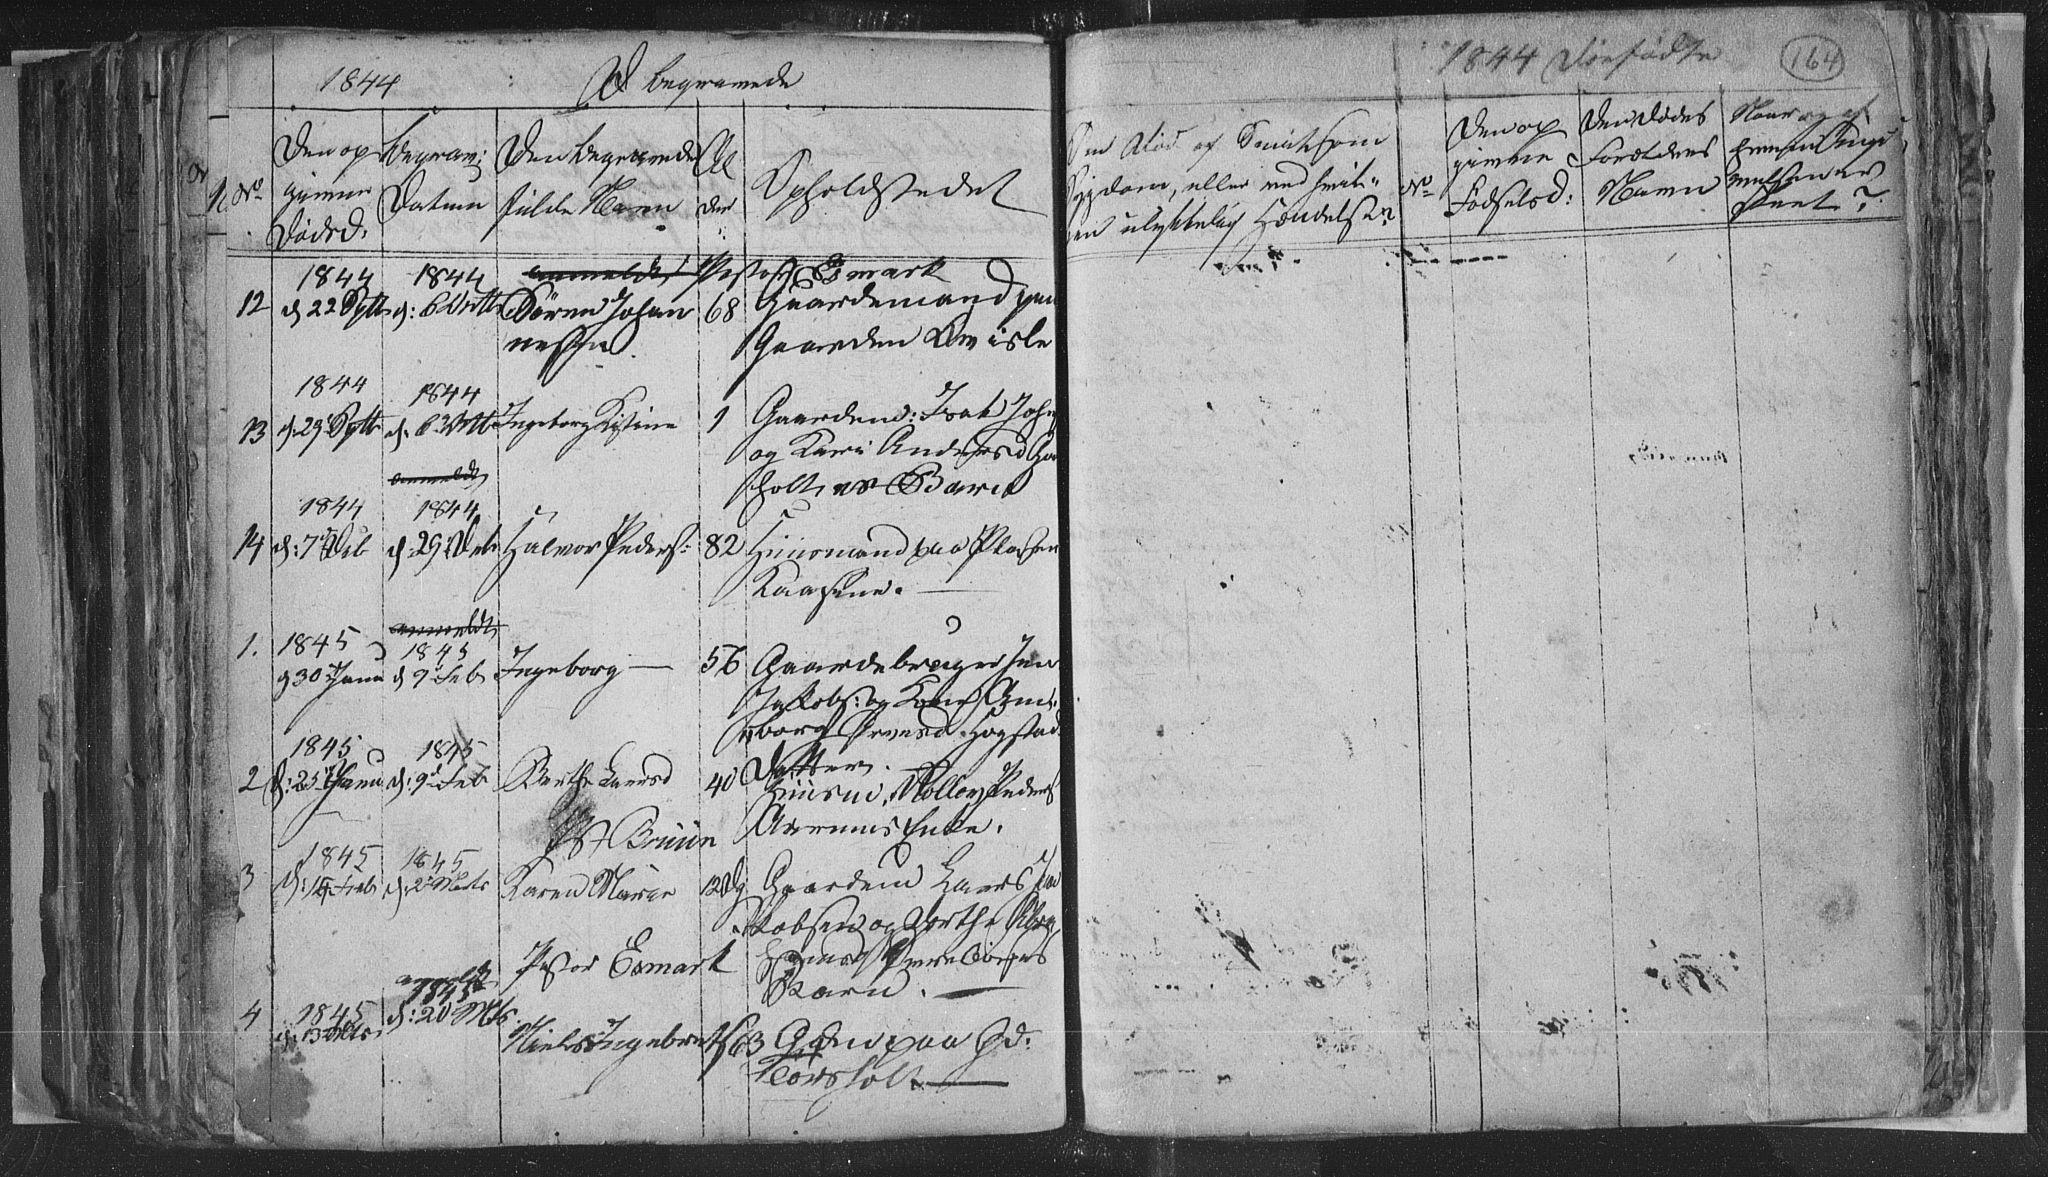 SAKO, Siljan kirkebøker, G/Ga/L0001: Klokkerbok nr. 1, 1827-1847, s. 164